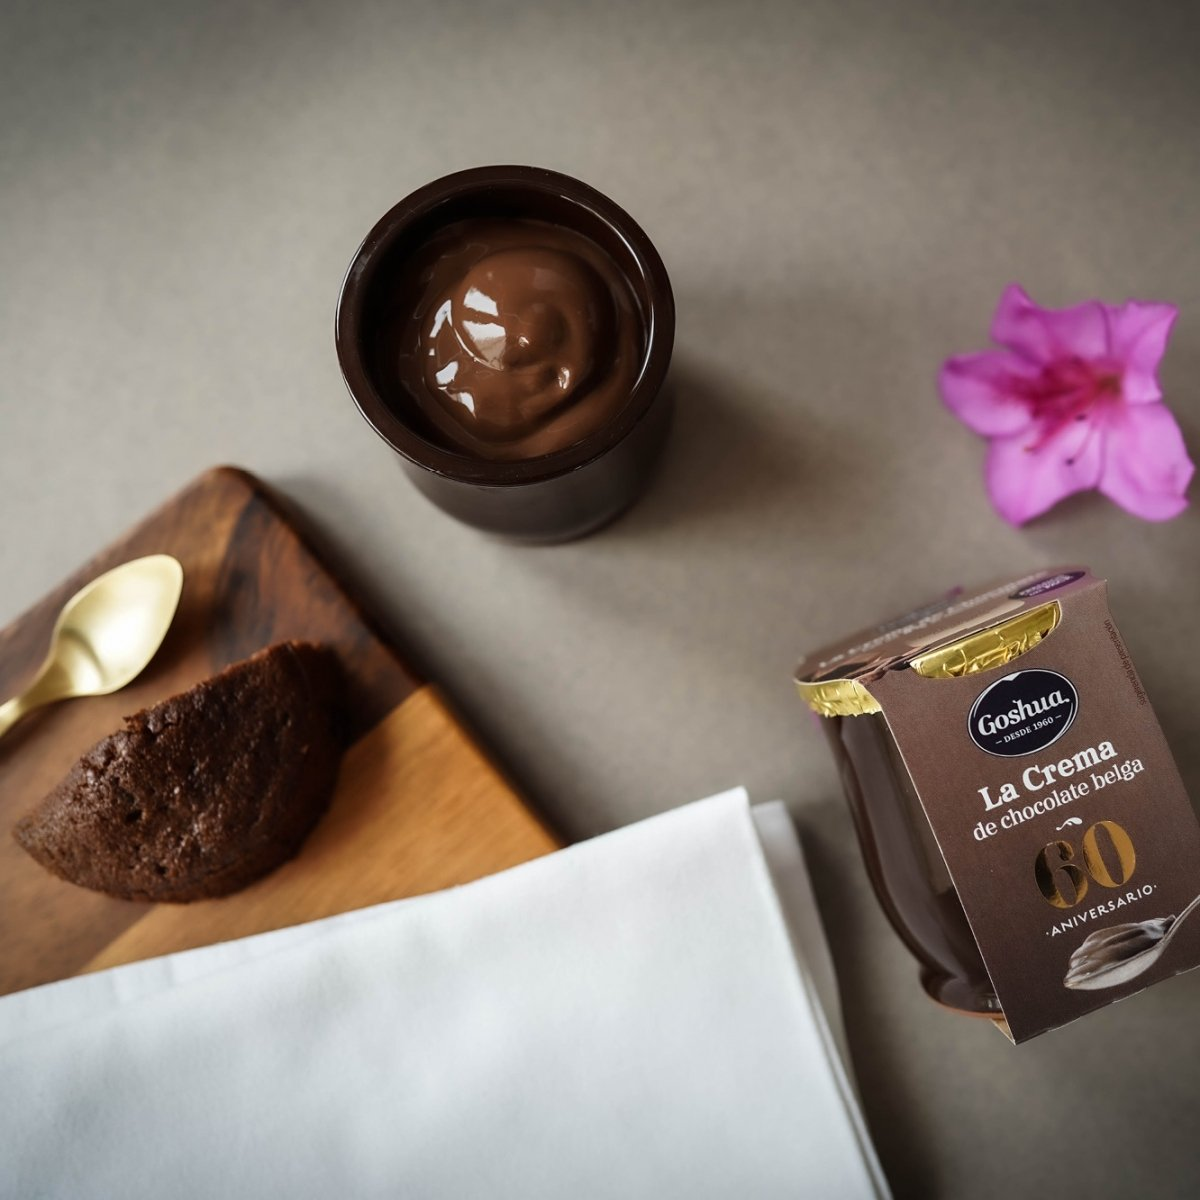 Crema de chocolate belga de Goshua